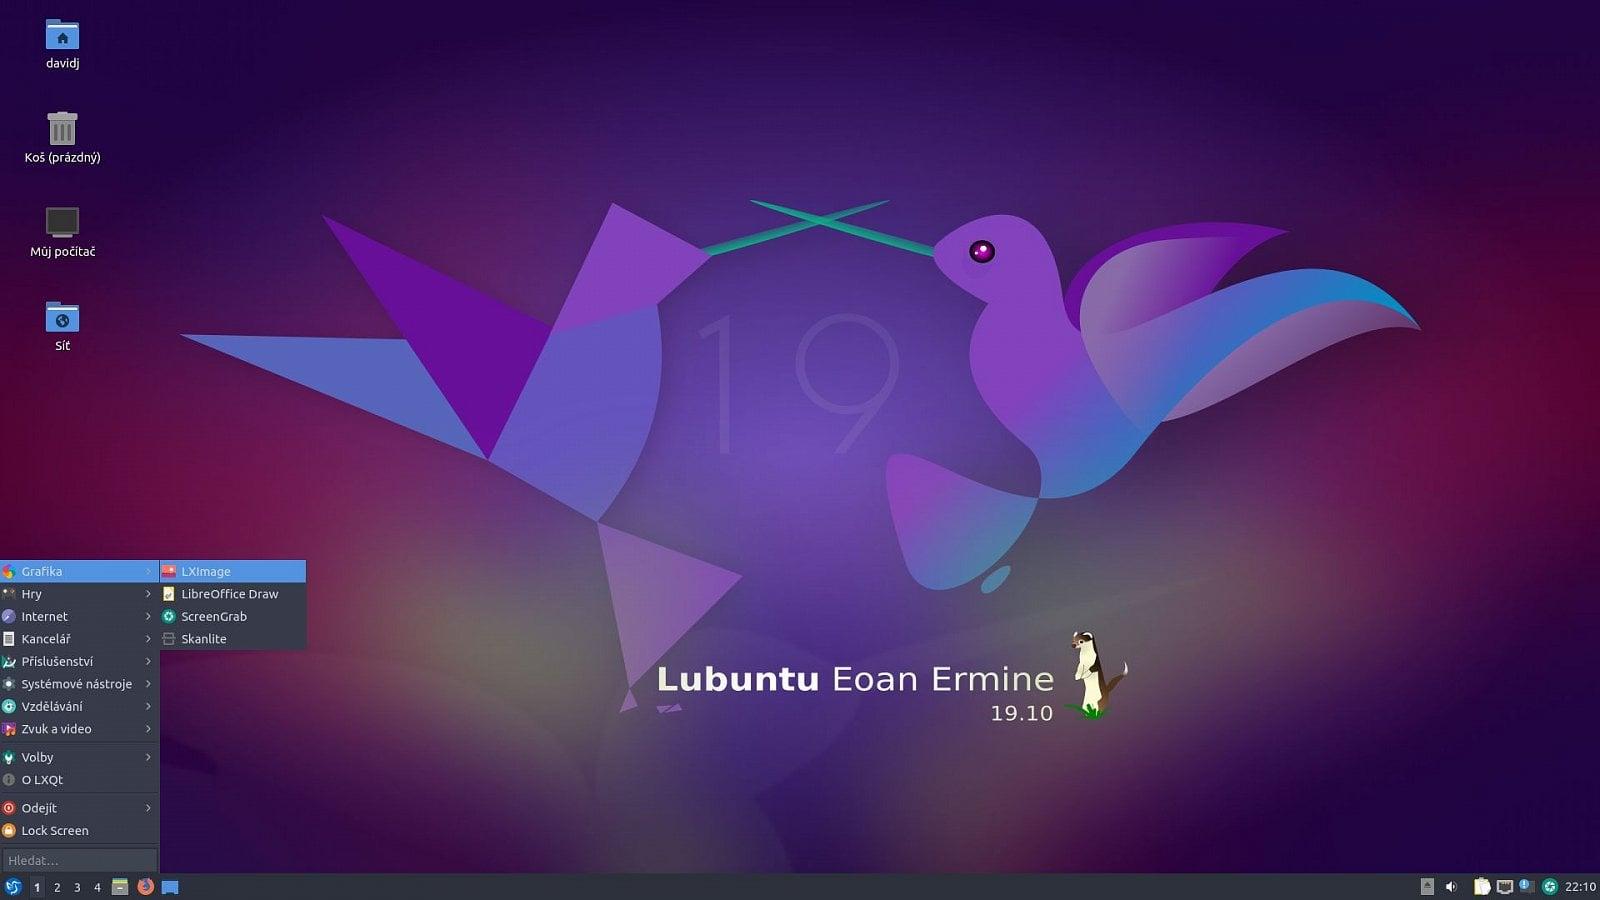 Lubuntu 19.10